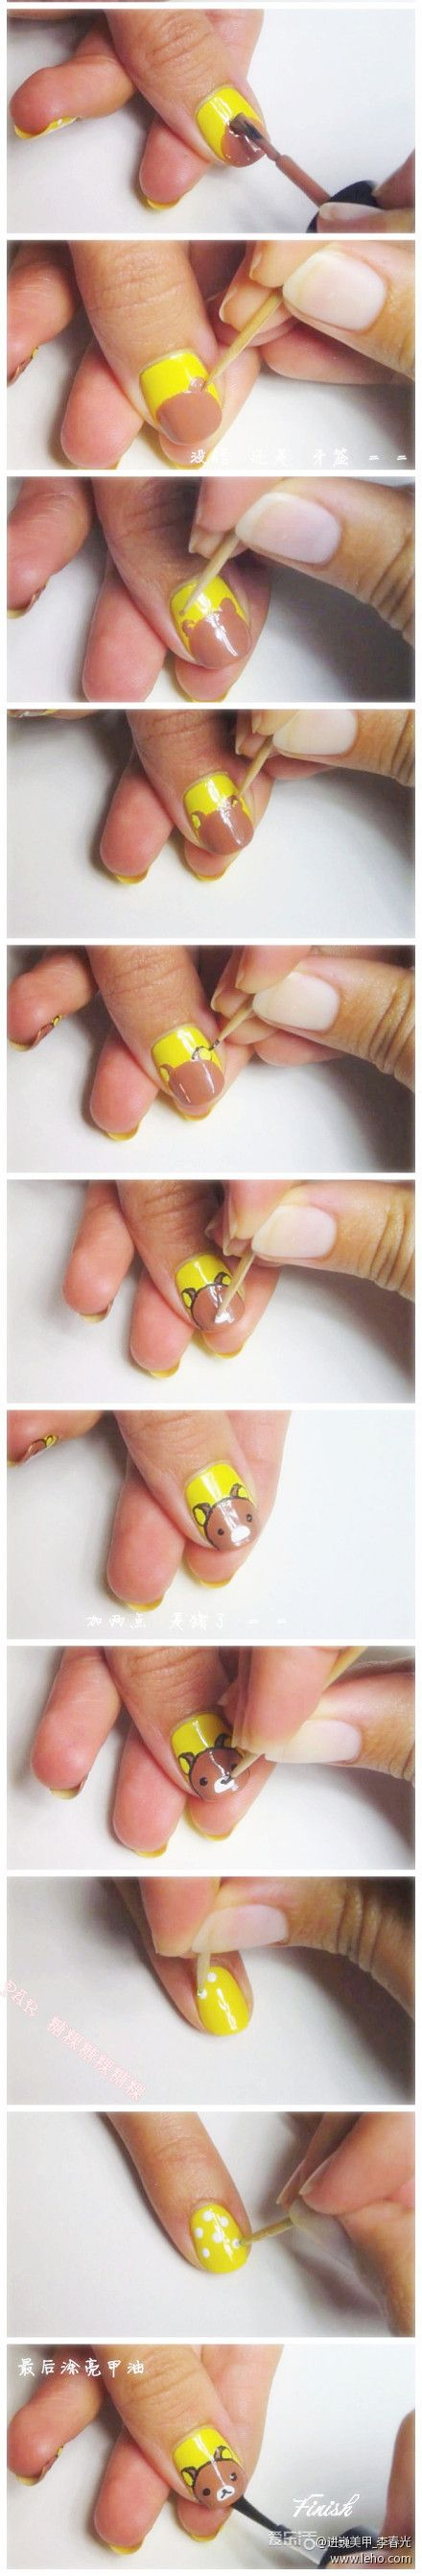 Rilakkuma #nailart tutorial - Nagellak   Pinterest - Nagel en Nagellak